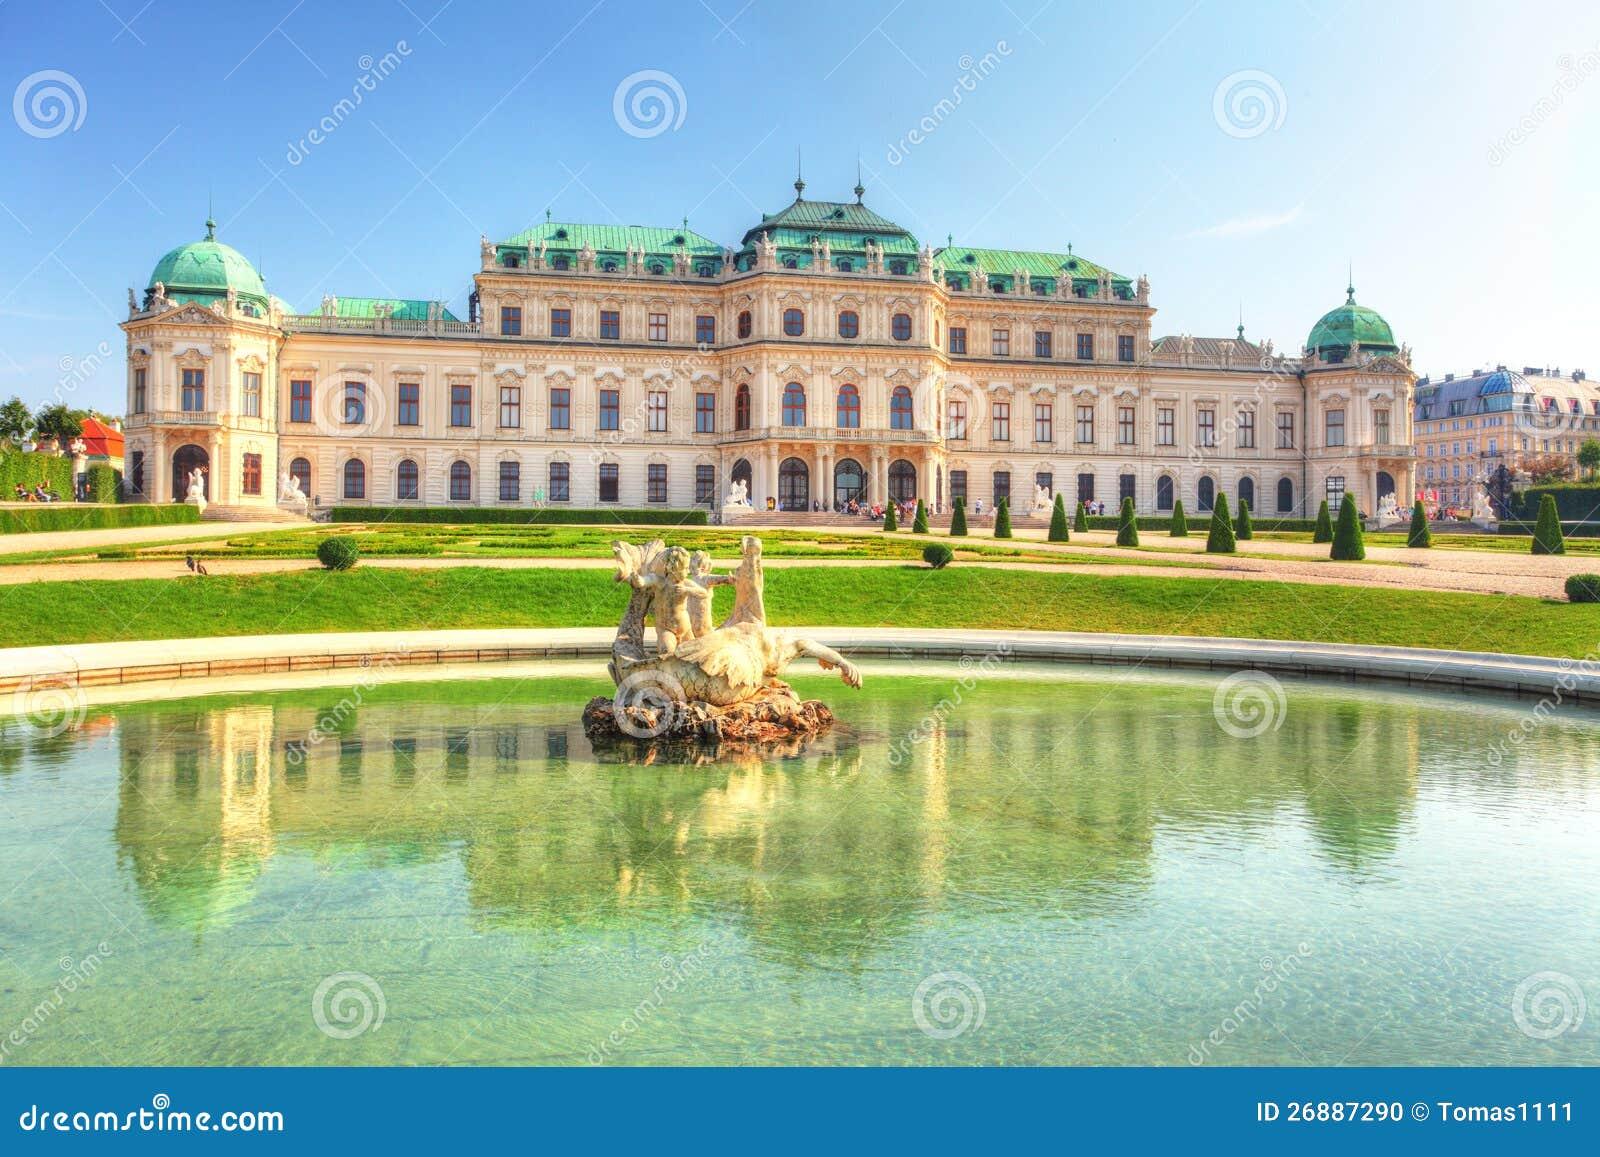 Palais de belvédère à Vienne - en Autriche